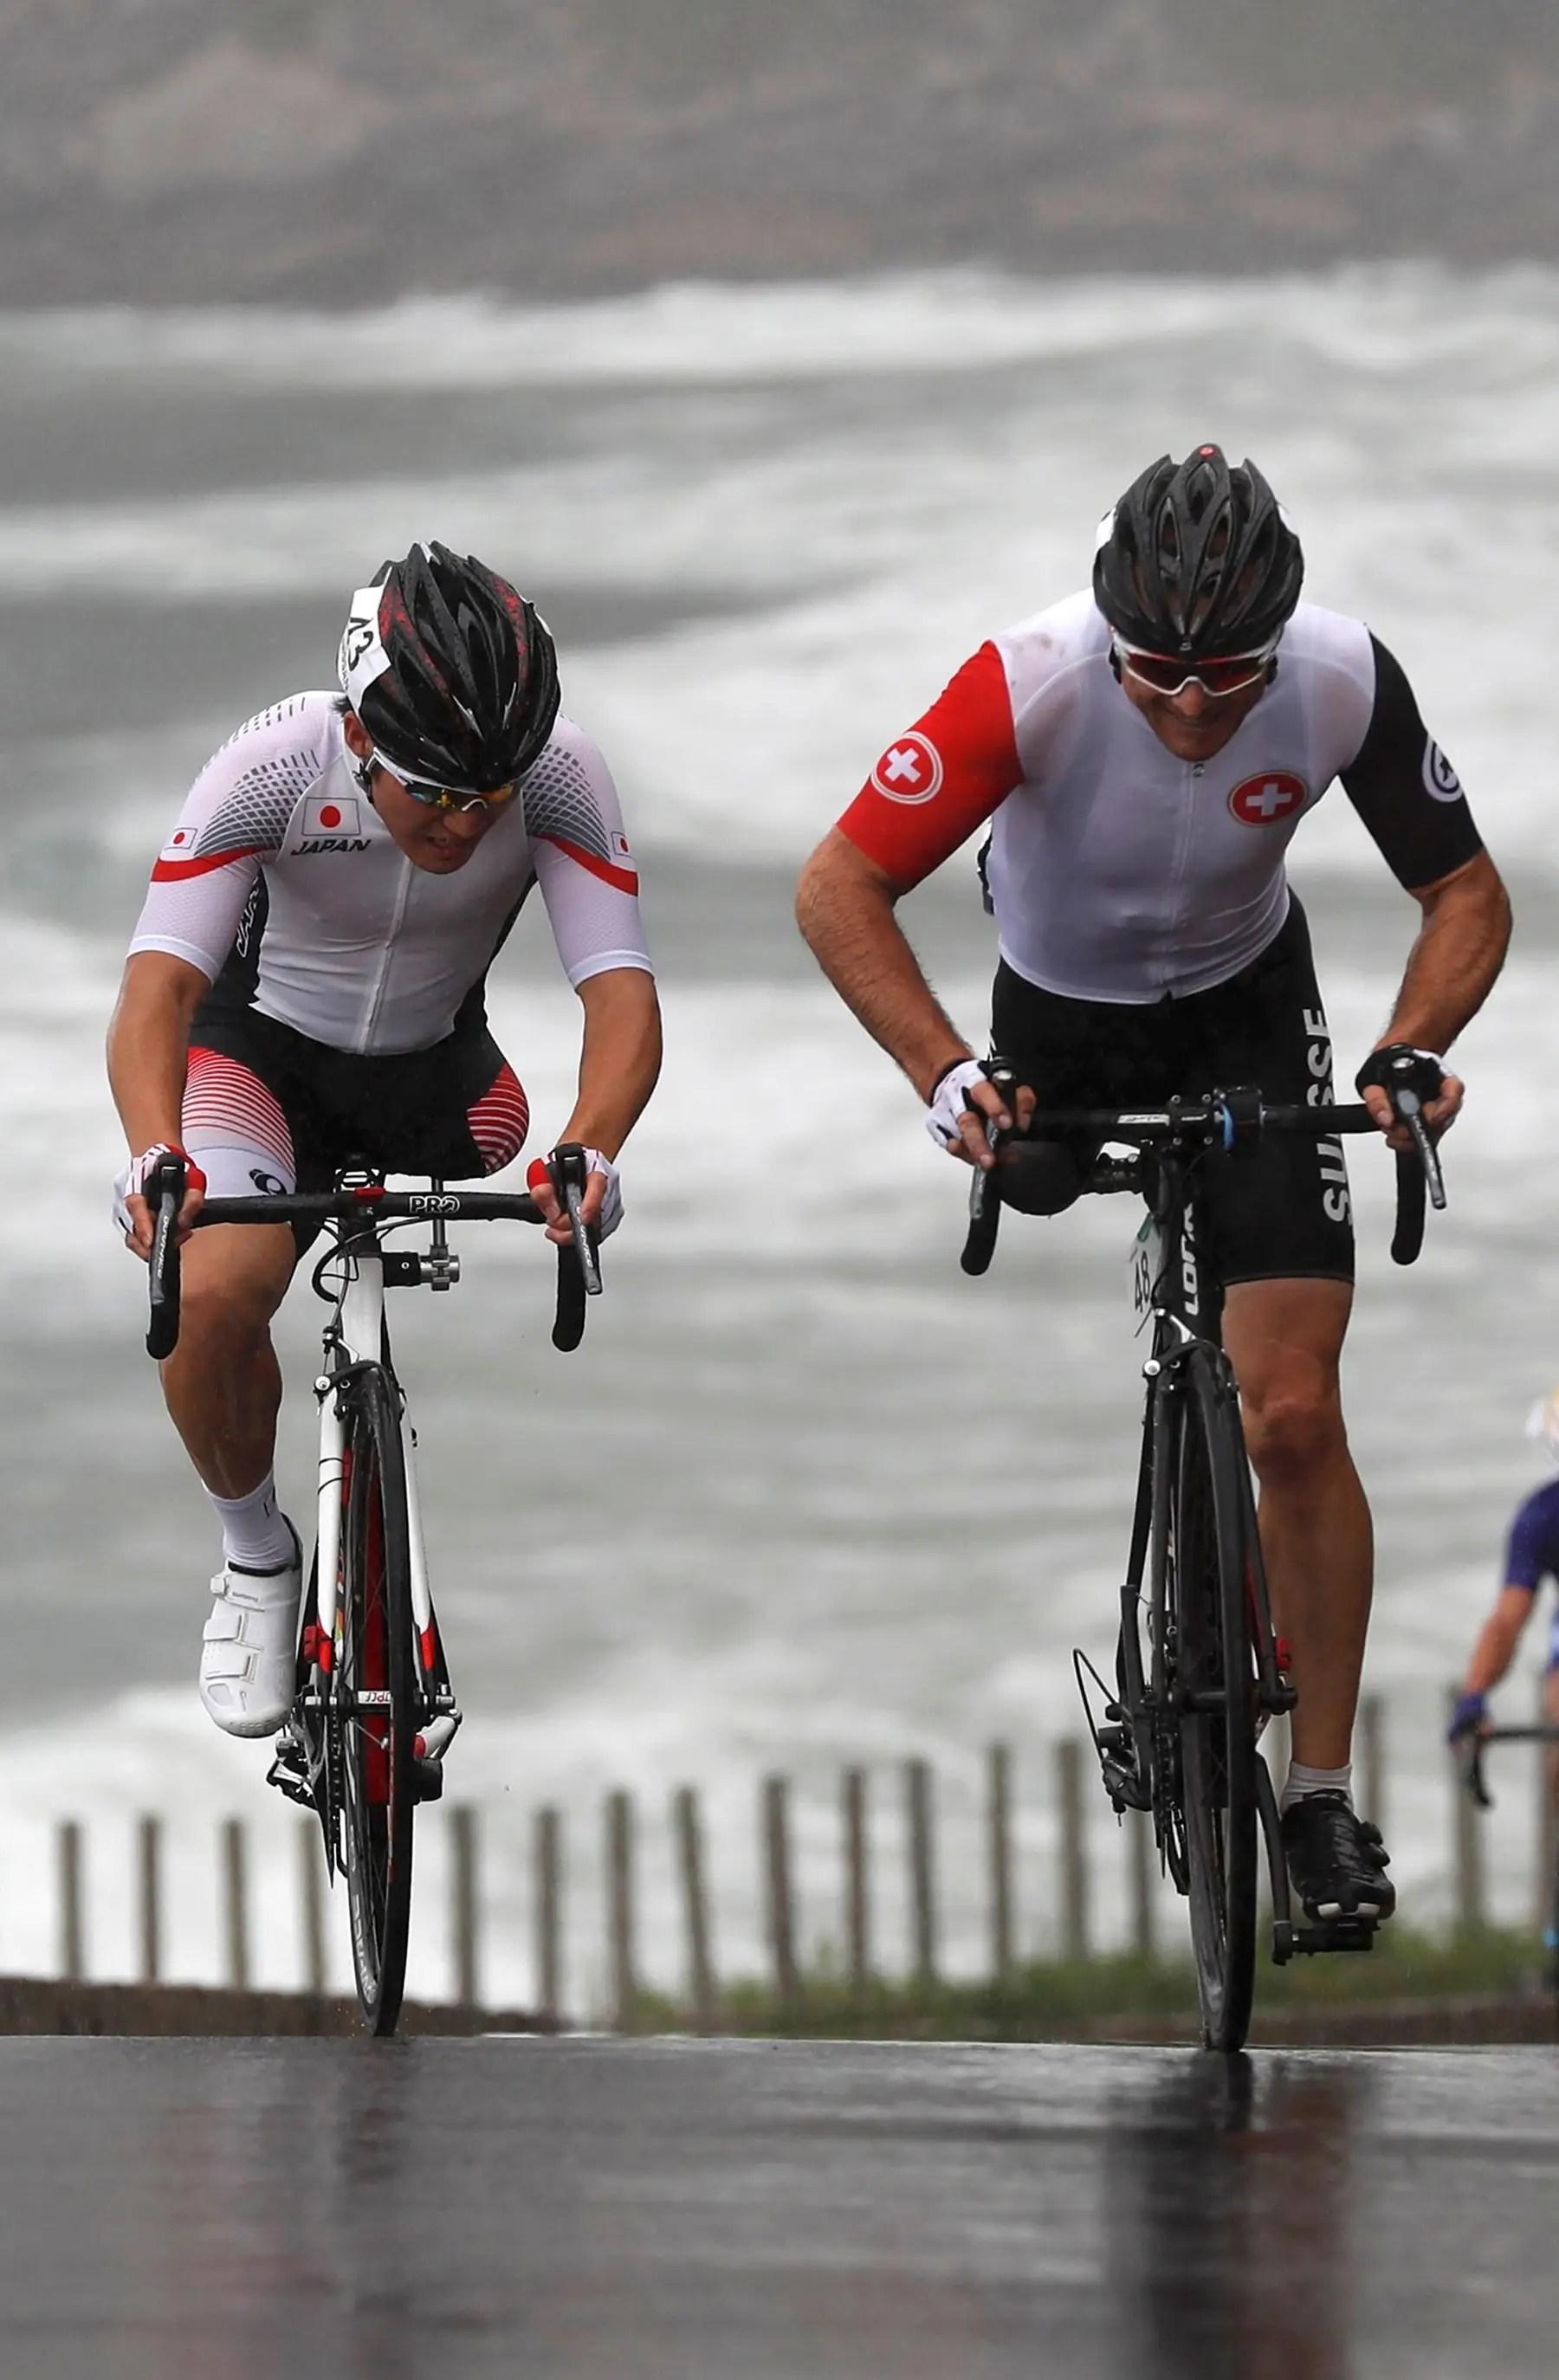 Los ciclistas compiten en una carrera de ruta.